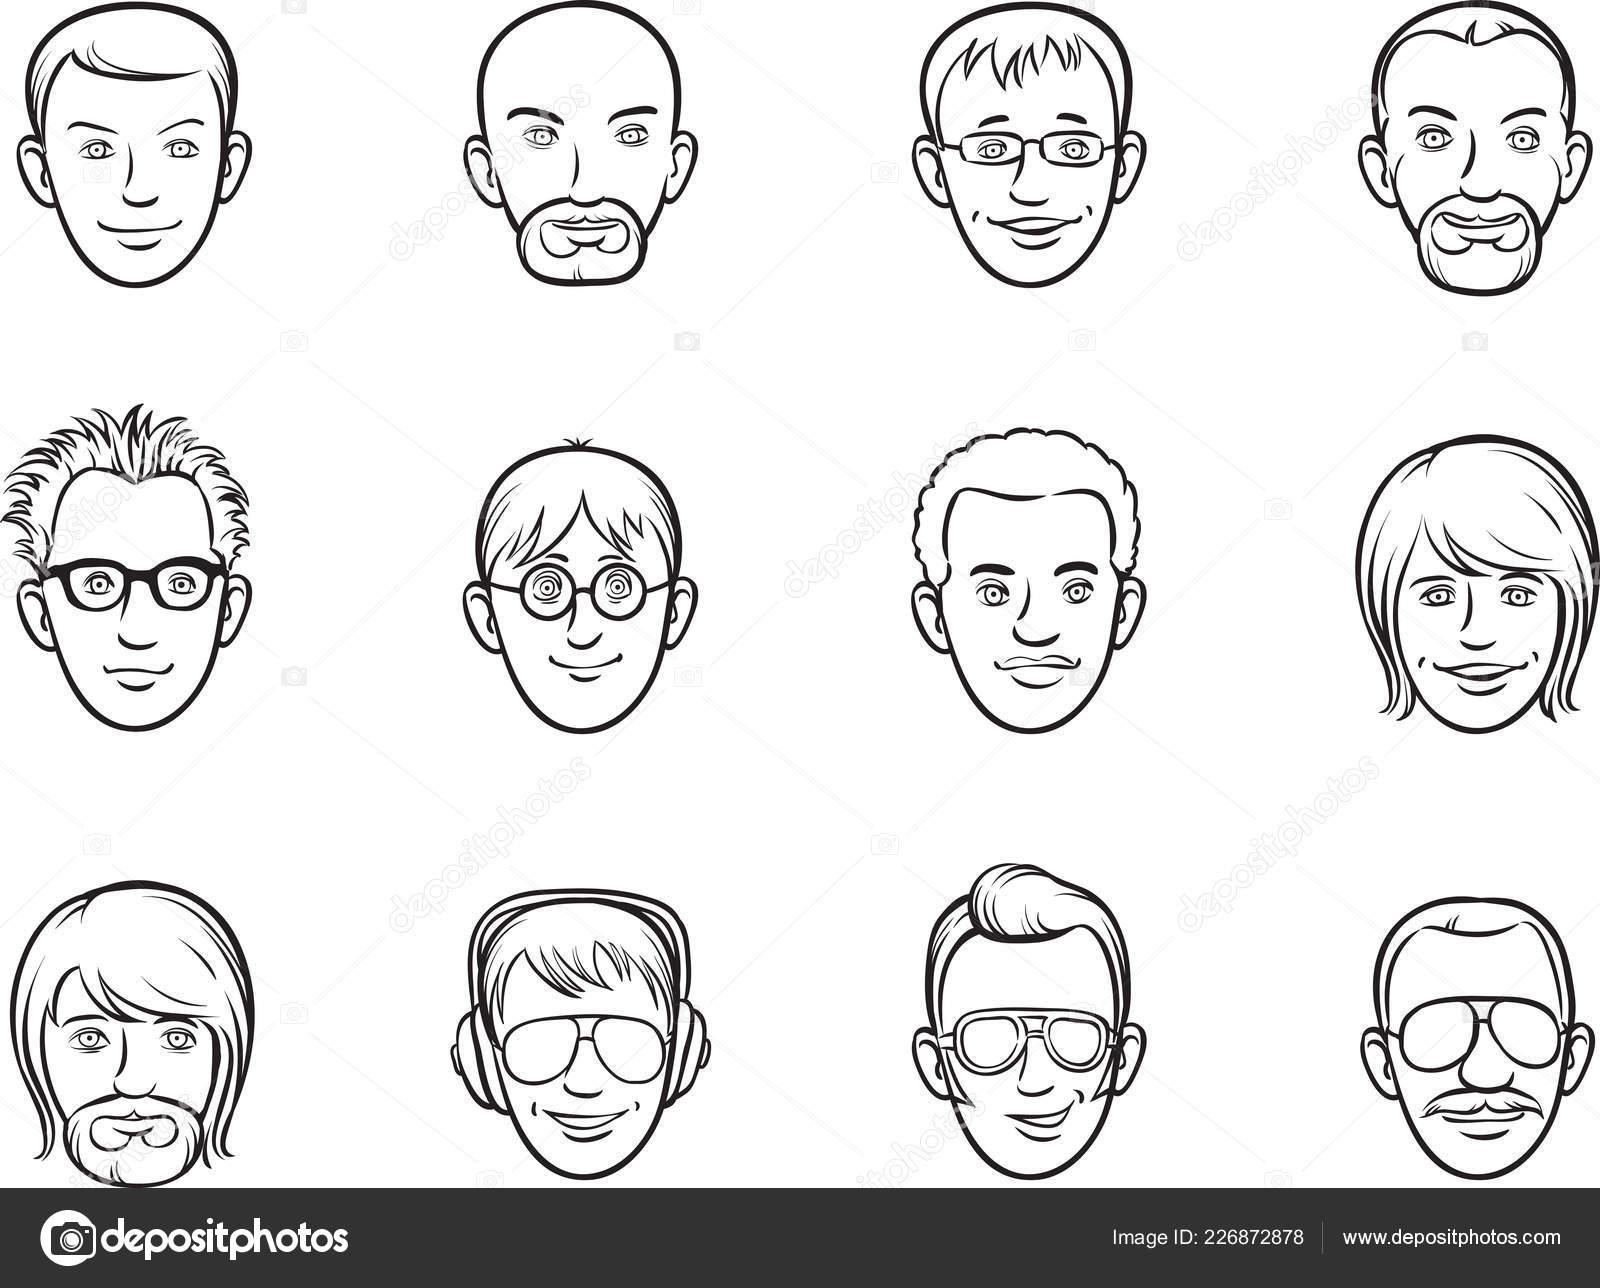 Whiteboard Zeichnung Cartoon Avatar Manner Gesichter Stockvektor